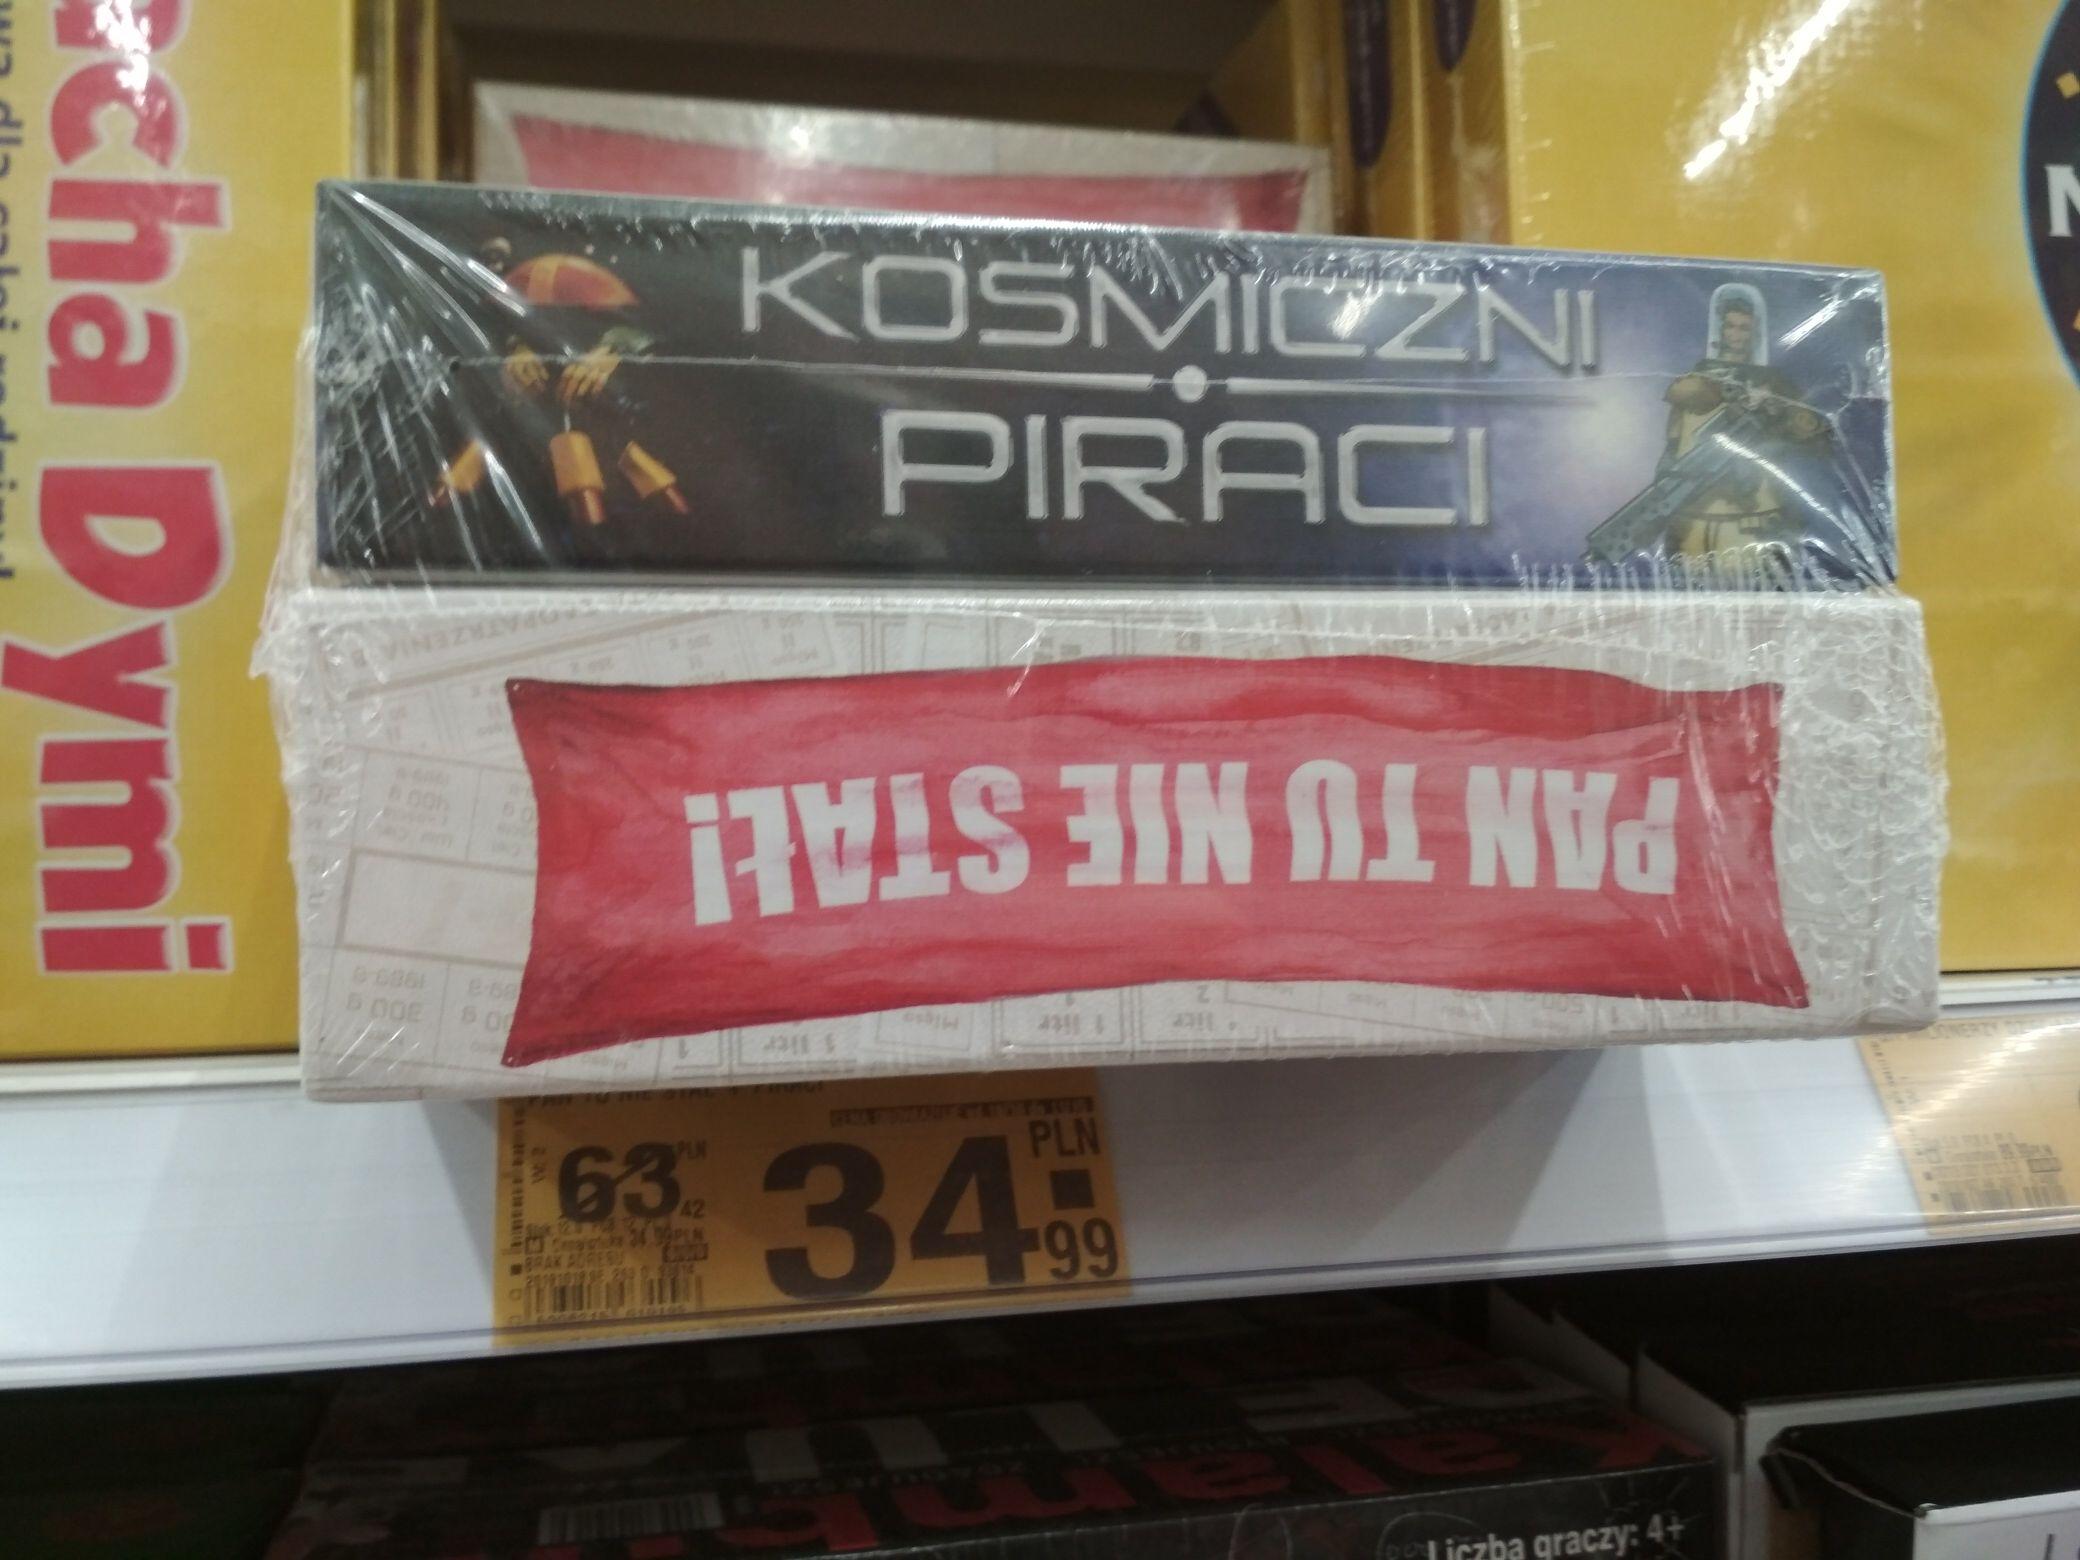 Gry planszowe 2 w cenie 1 - Pan tu nie stał + Kosmiczni piraci